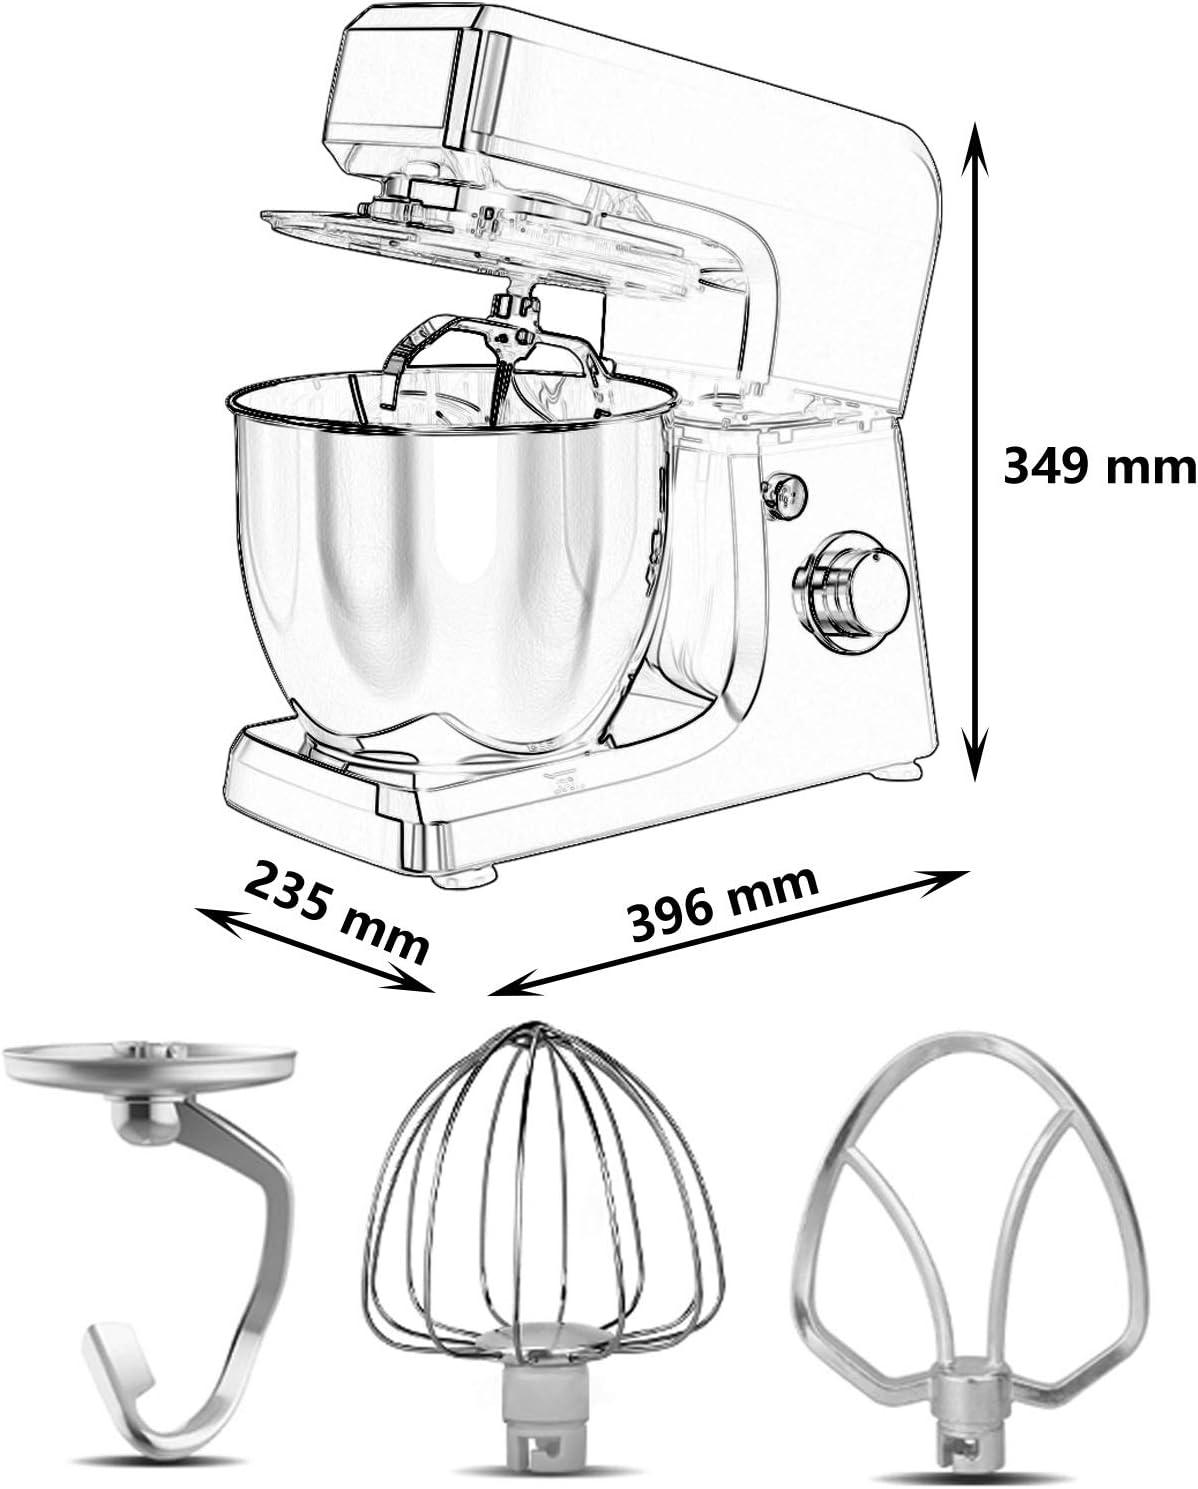 MéLangeur Vertical, MéLangeur Multifonctionnel RéGlable à 6 Vitesses avec Bol en Acier Inoxydable de Grande Capacité 6,5 L DéCoration pour Cuisine Moderne (Color : White) Red